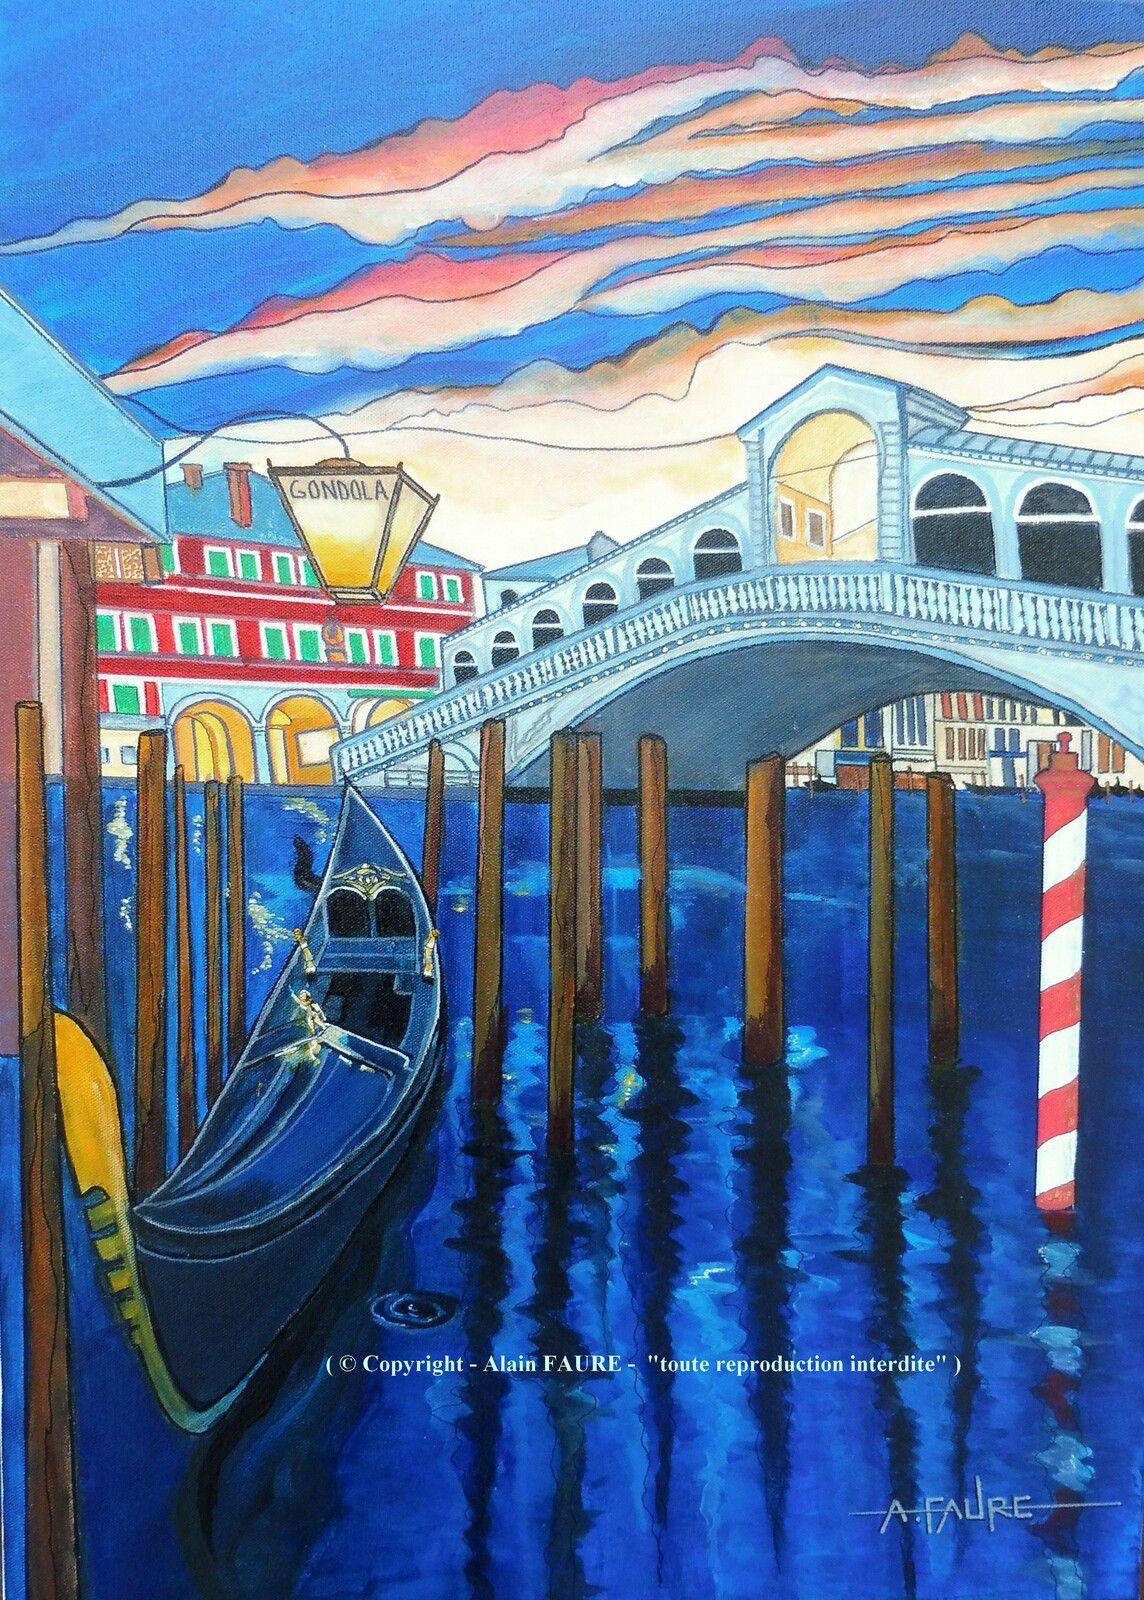 PONT DU RIALTO Peinture Acrylique sur Toile: 70 x 50 cm.....1100 € -  Avant même le fameux Pont des Soupirs, le Pont du Rialto est le plus célèbre pont de Venise pour son architecture et son histoire. C'est le plus ancien des quatre ponts du Grand Canal ayant été construit entre 1588 et 1591. Jusqu'au 19ème siècle, il était la seule possibilité de traverser le canal. Aujourd'hui avec son arche unique et la présence de boutiques (surtout de bijouteries), il est l'un des rares exemples contemporains de pont bâti.